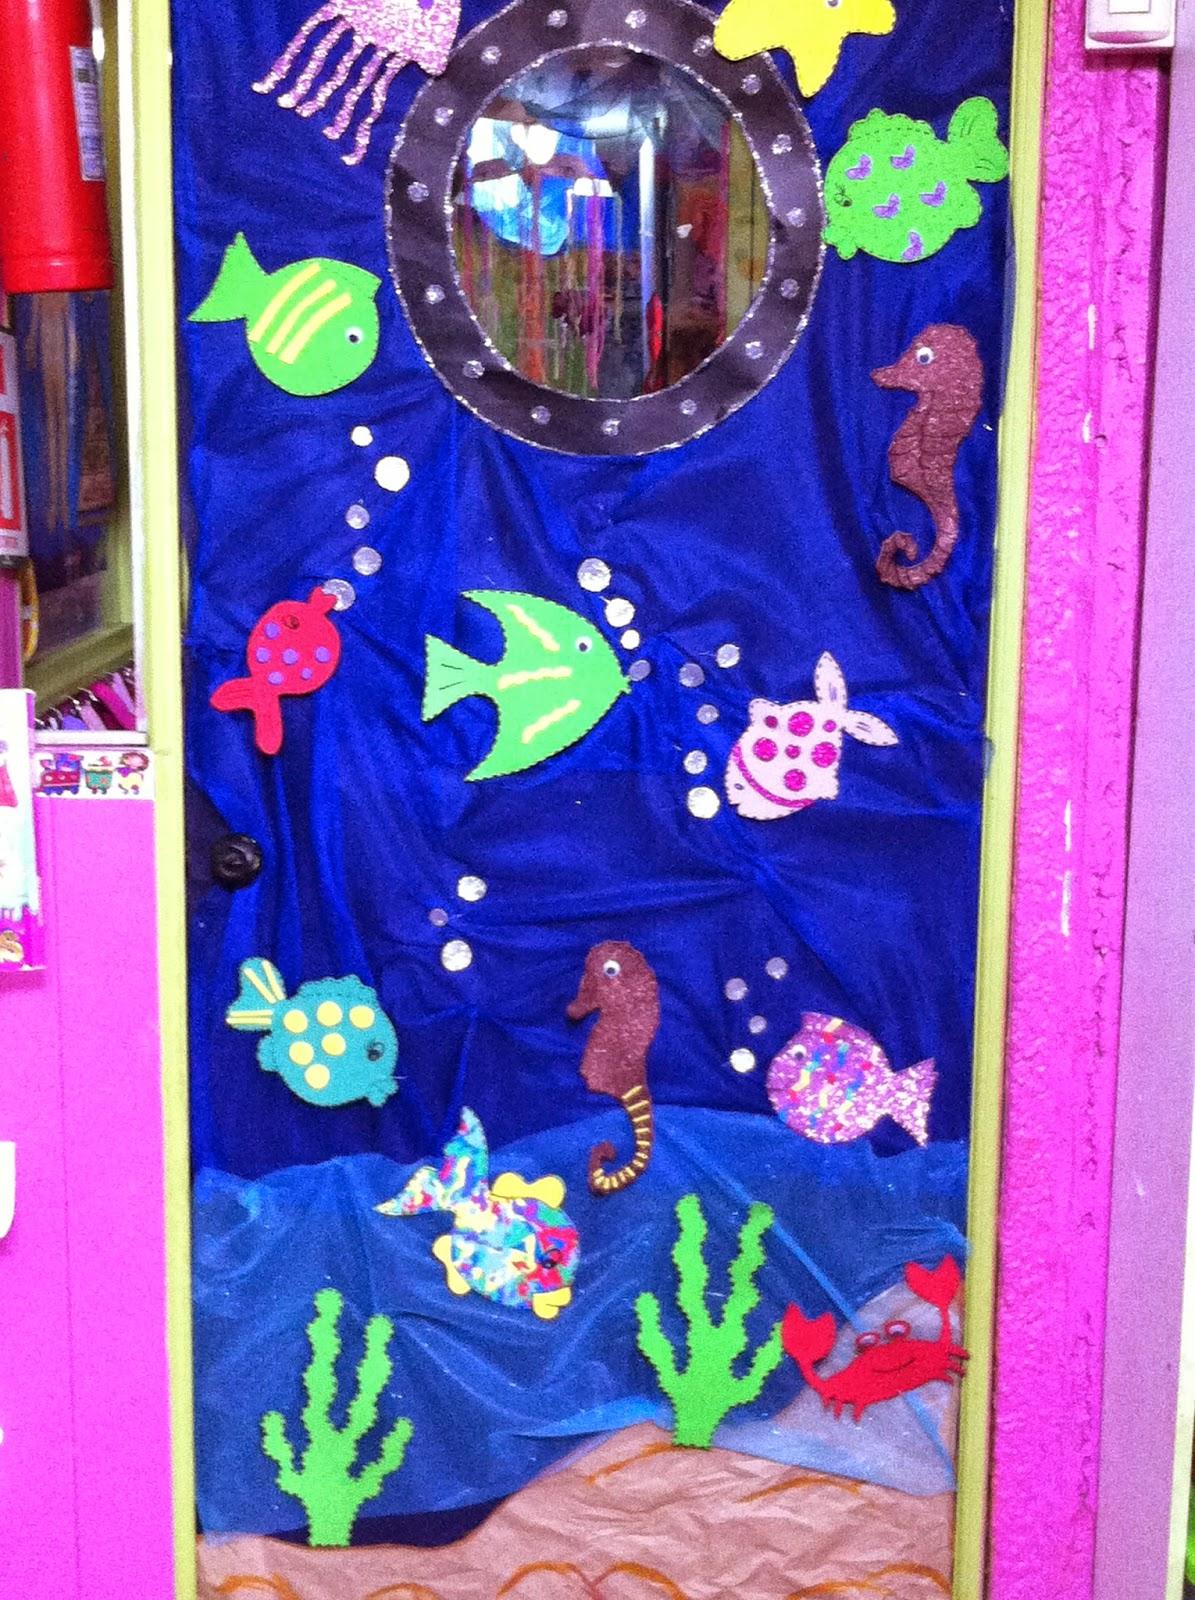 Jard n infantil un mundo de amor muestra de decoraci n for Decoracion jardin maternal